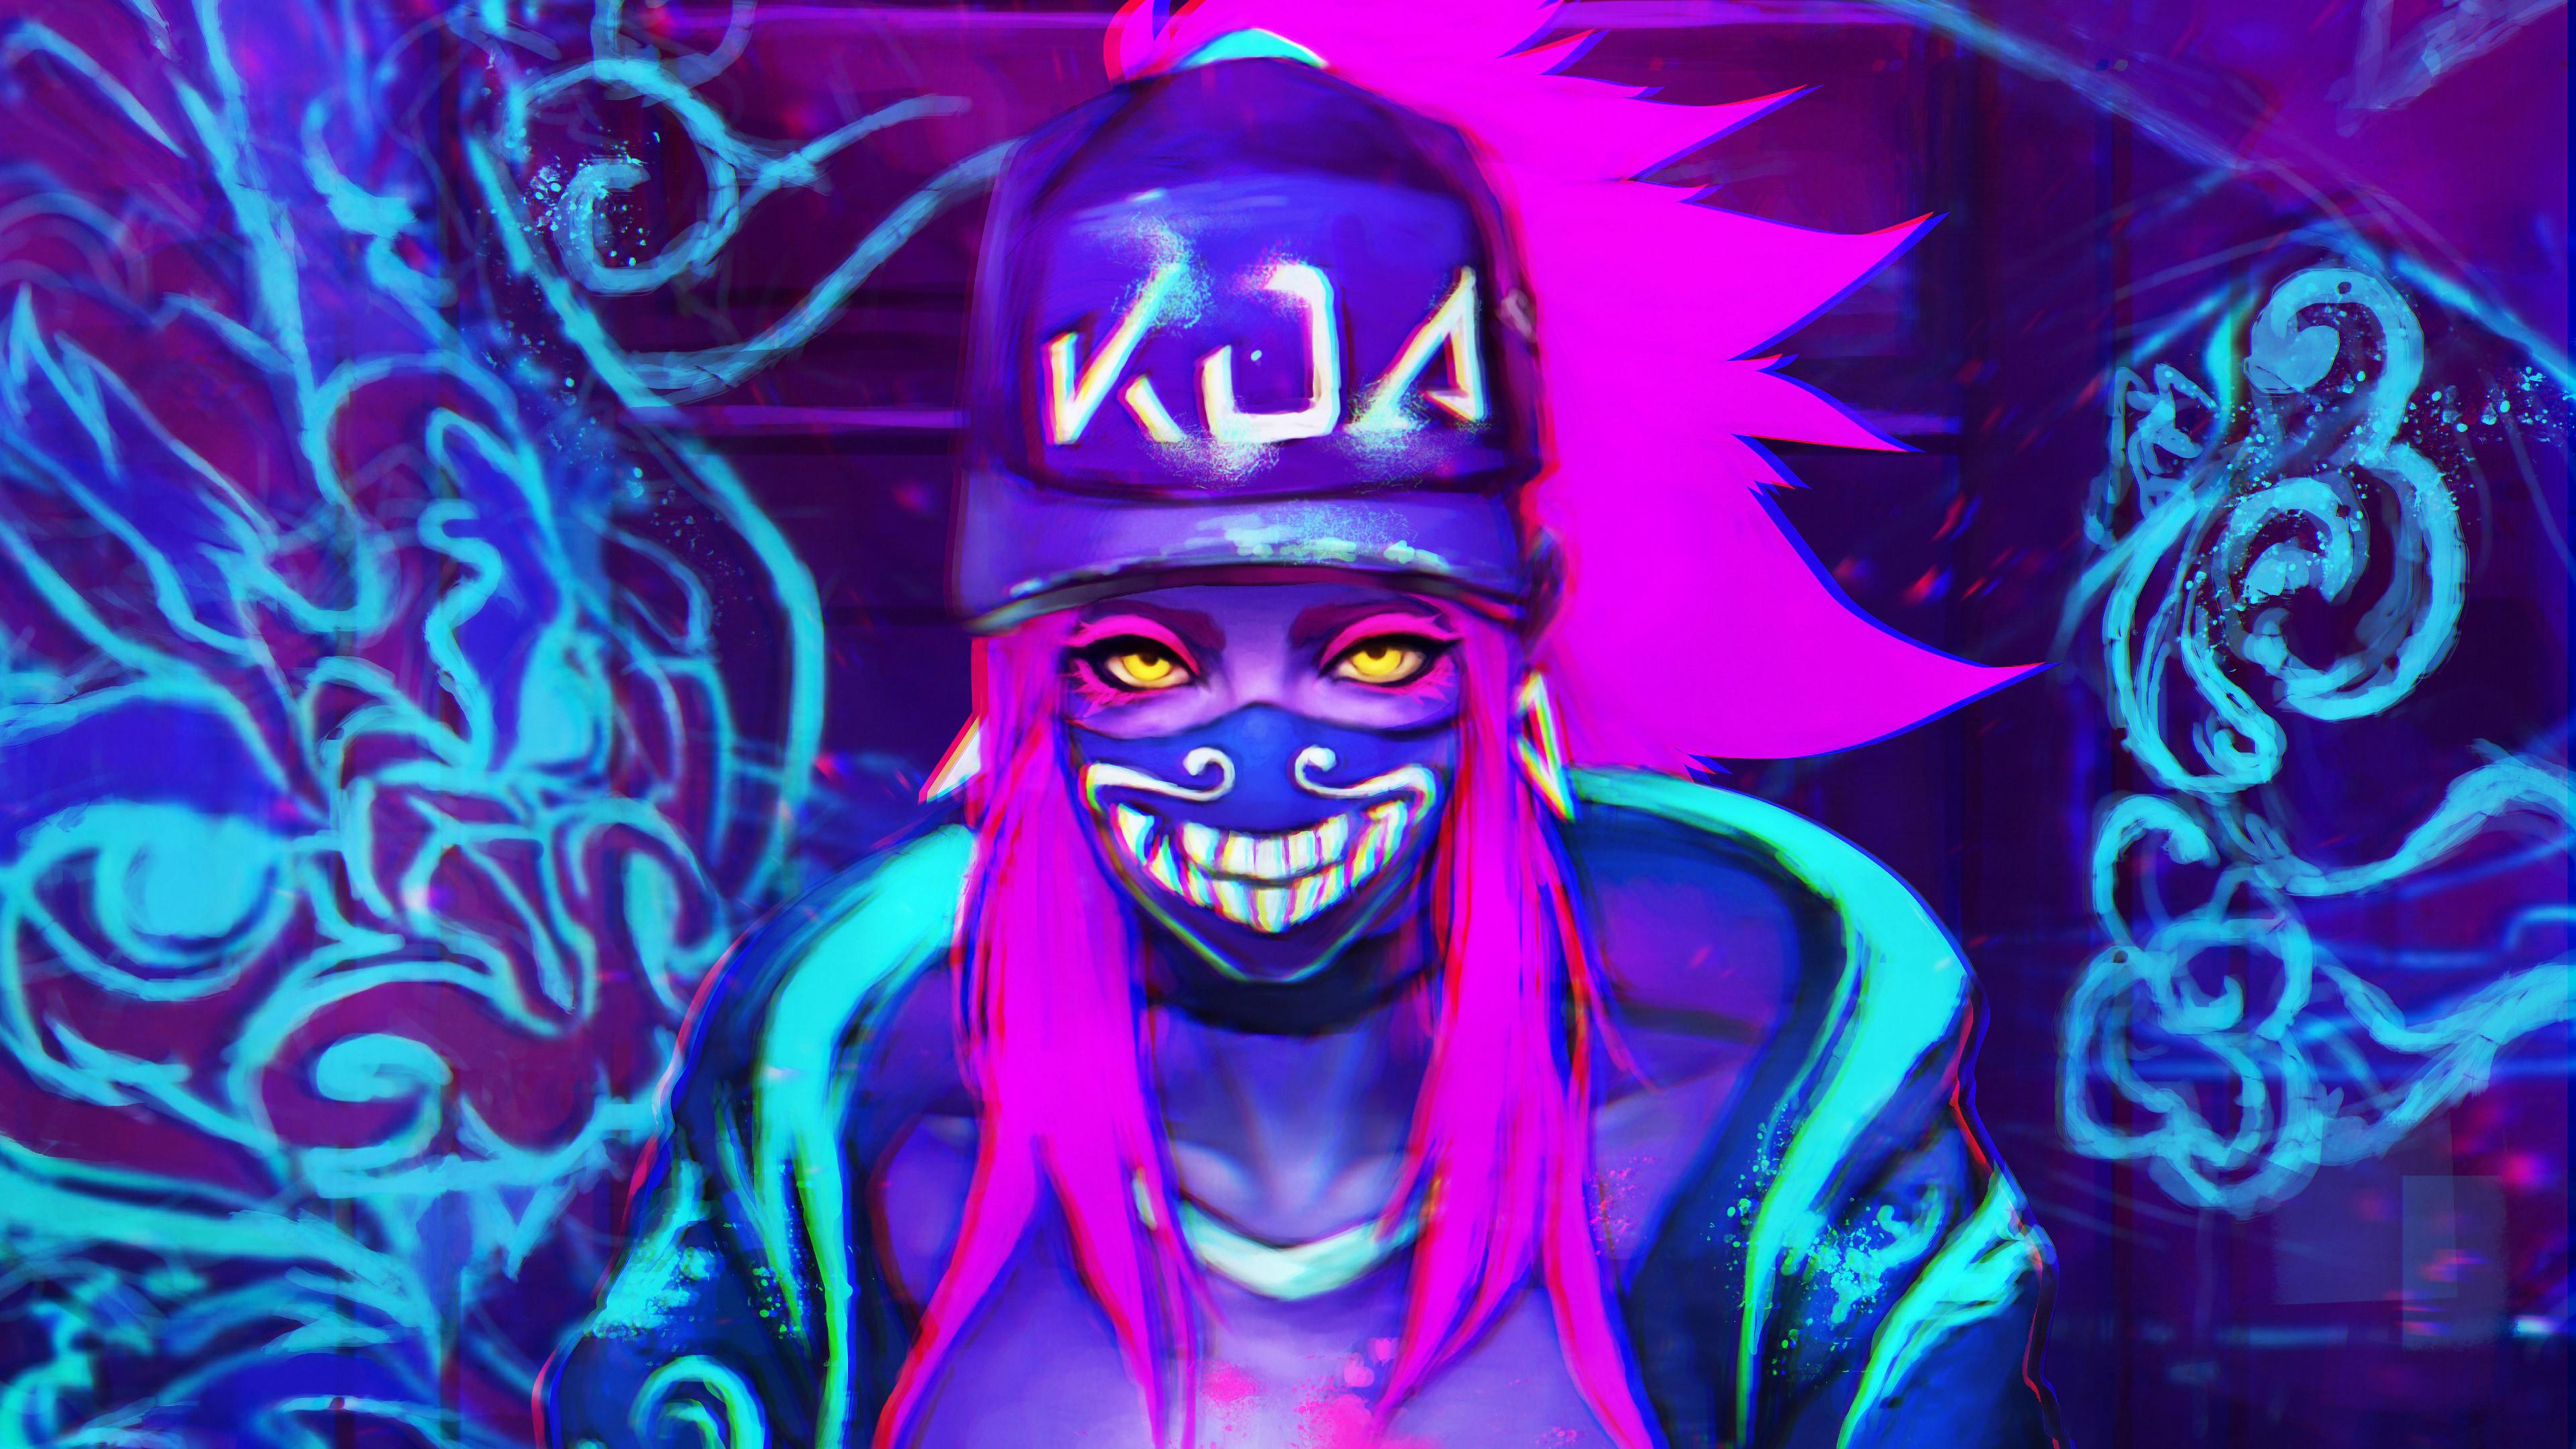 k da neon akali league of legends lol lol 1574104748 - K/DA Neon Akali League Of Legends LoL lol - league of legends, K/DA Akali, K/DA - League of Legends, Akali